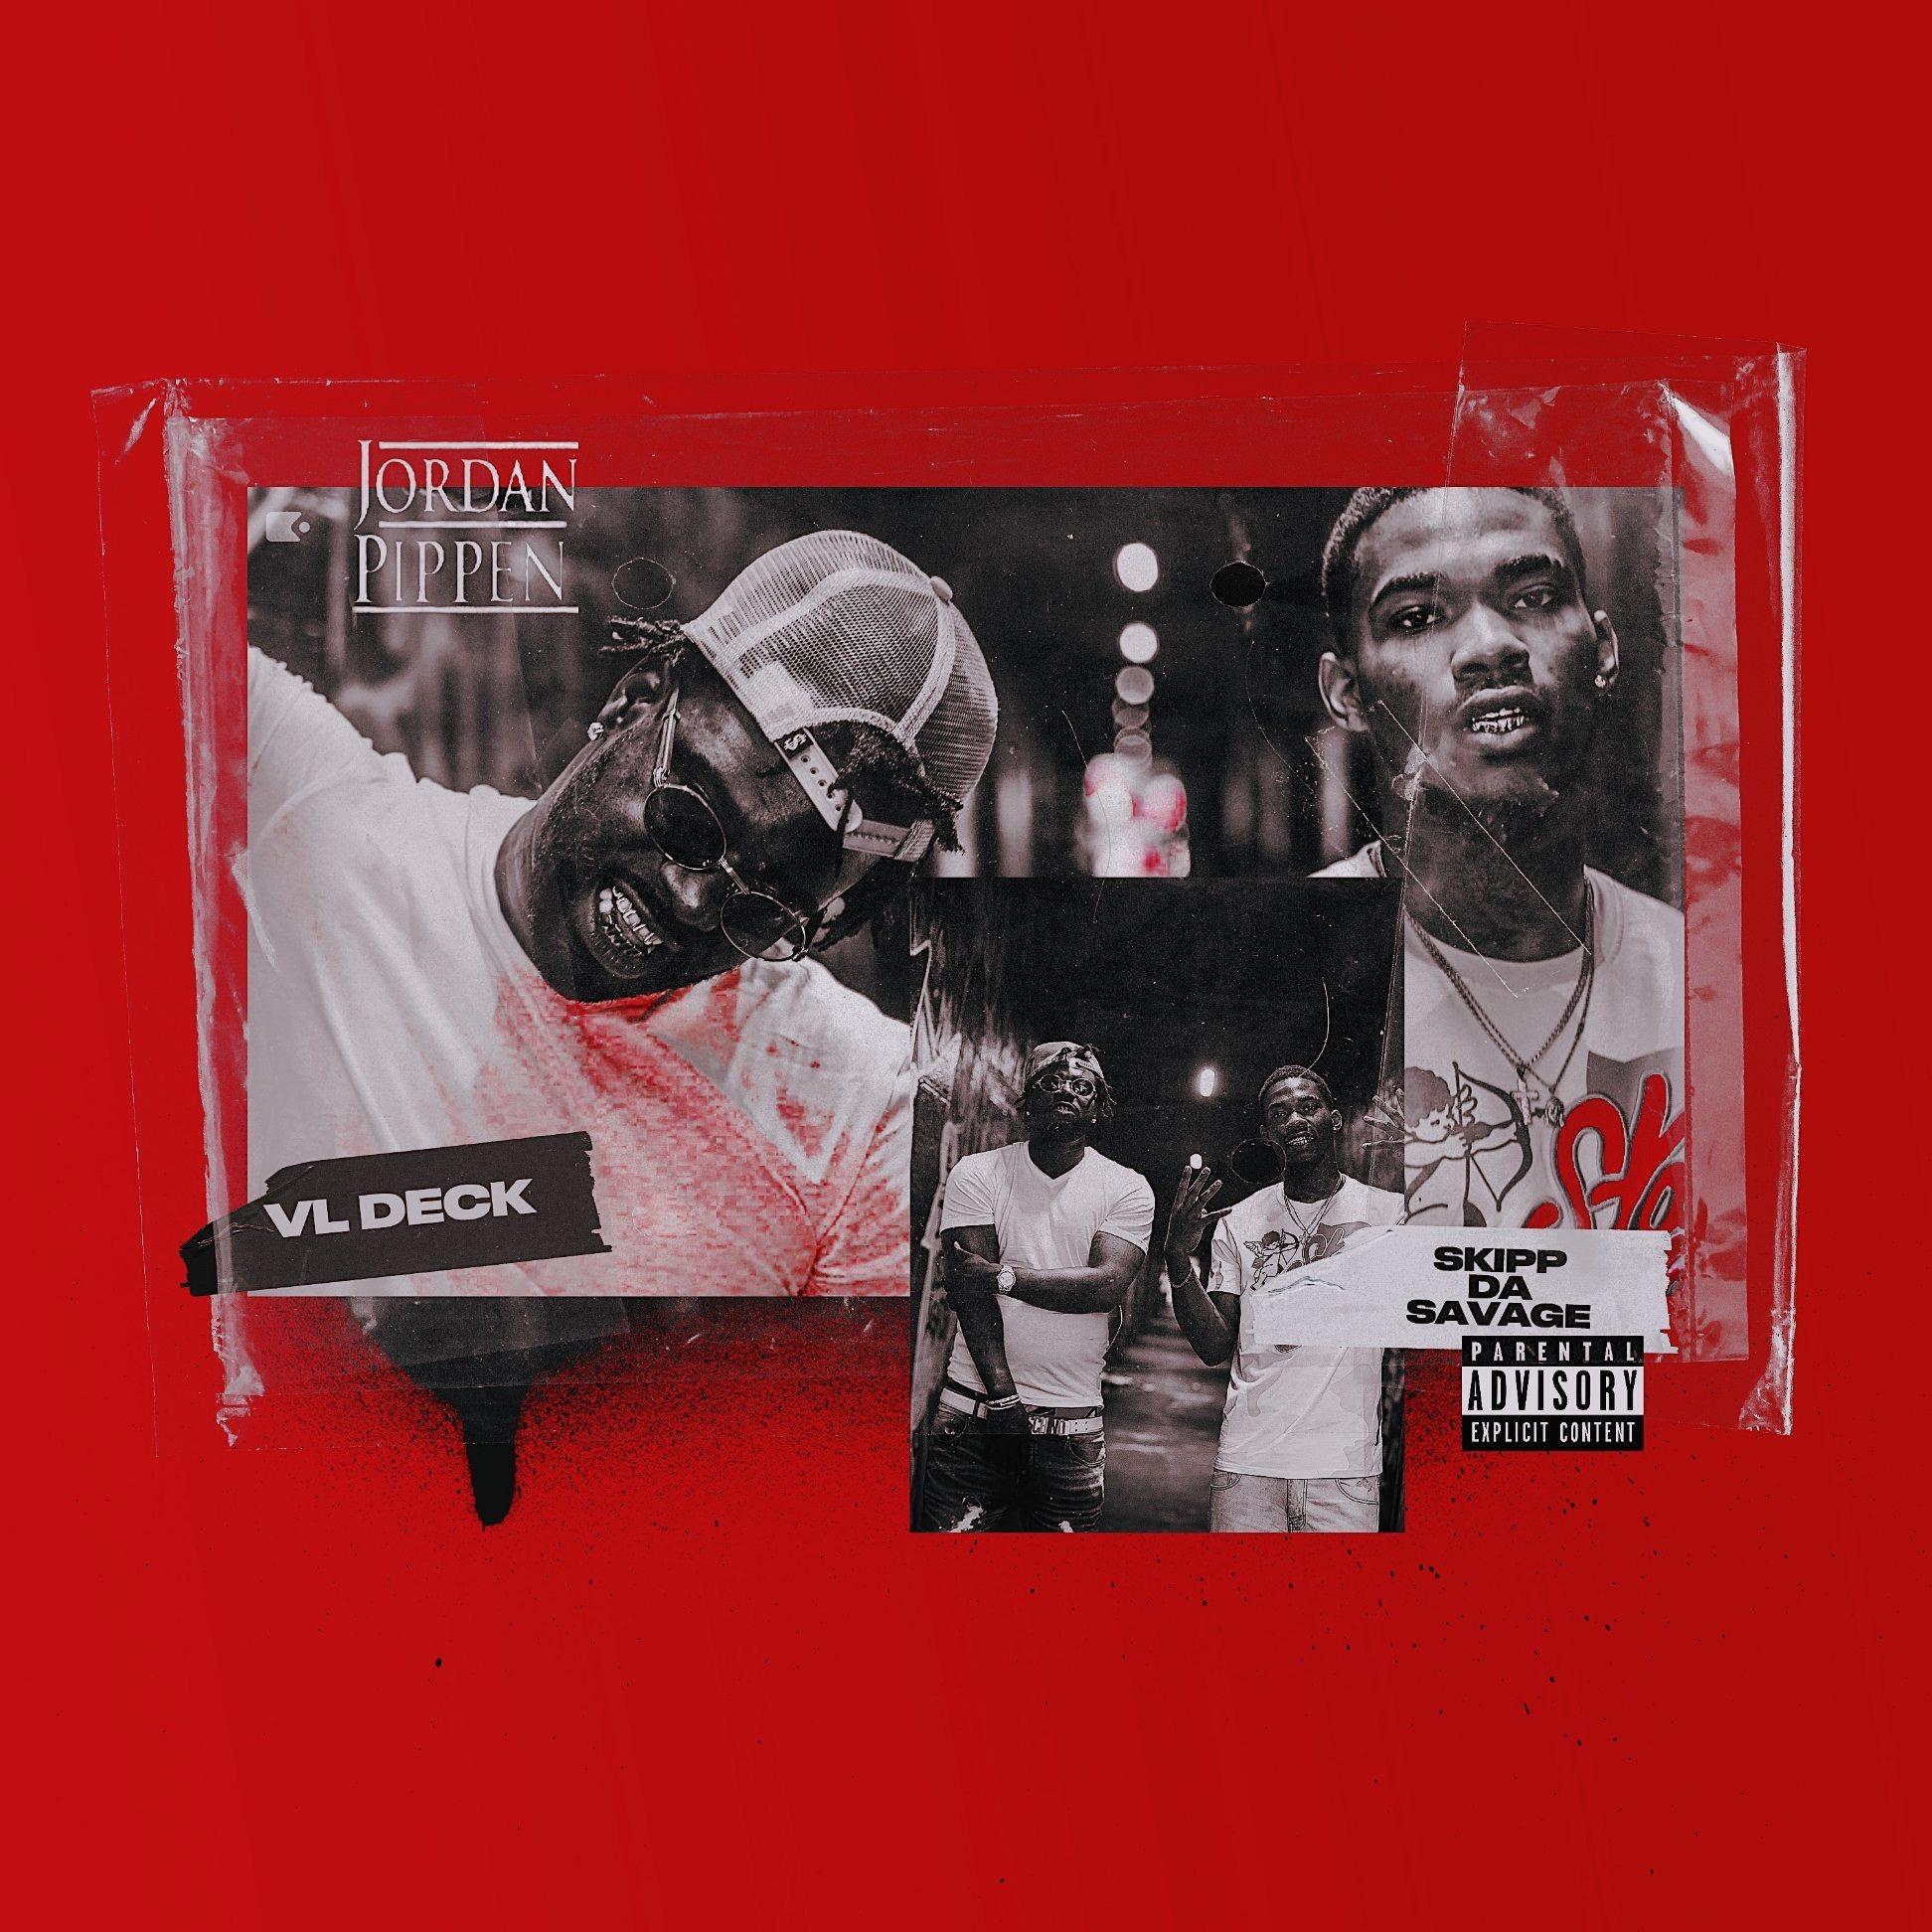 """VL Deck & Skipp Da Savage Collaborate For New EP """"Jordan Pippen"""""""